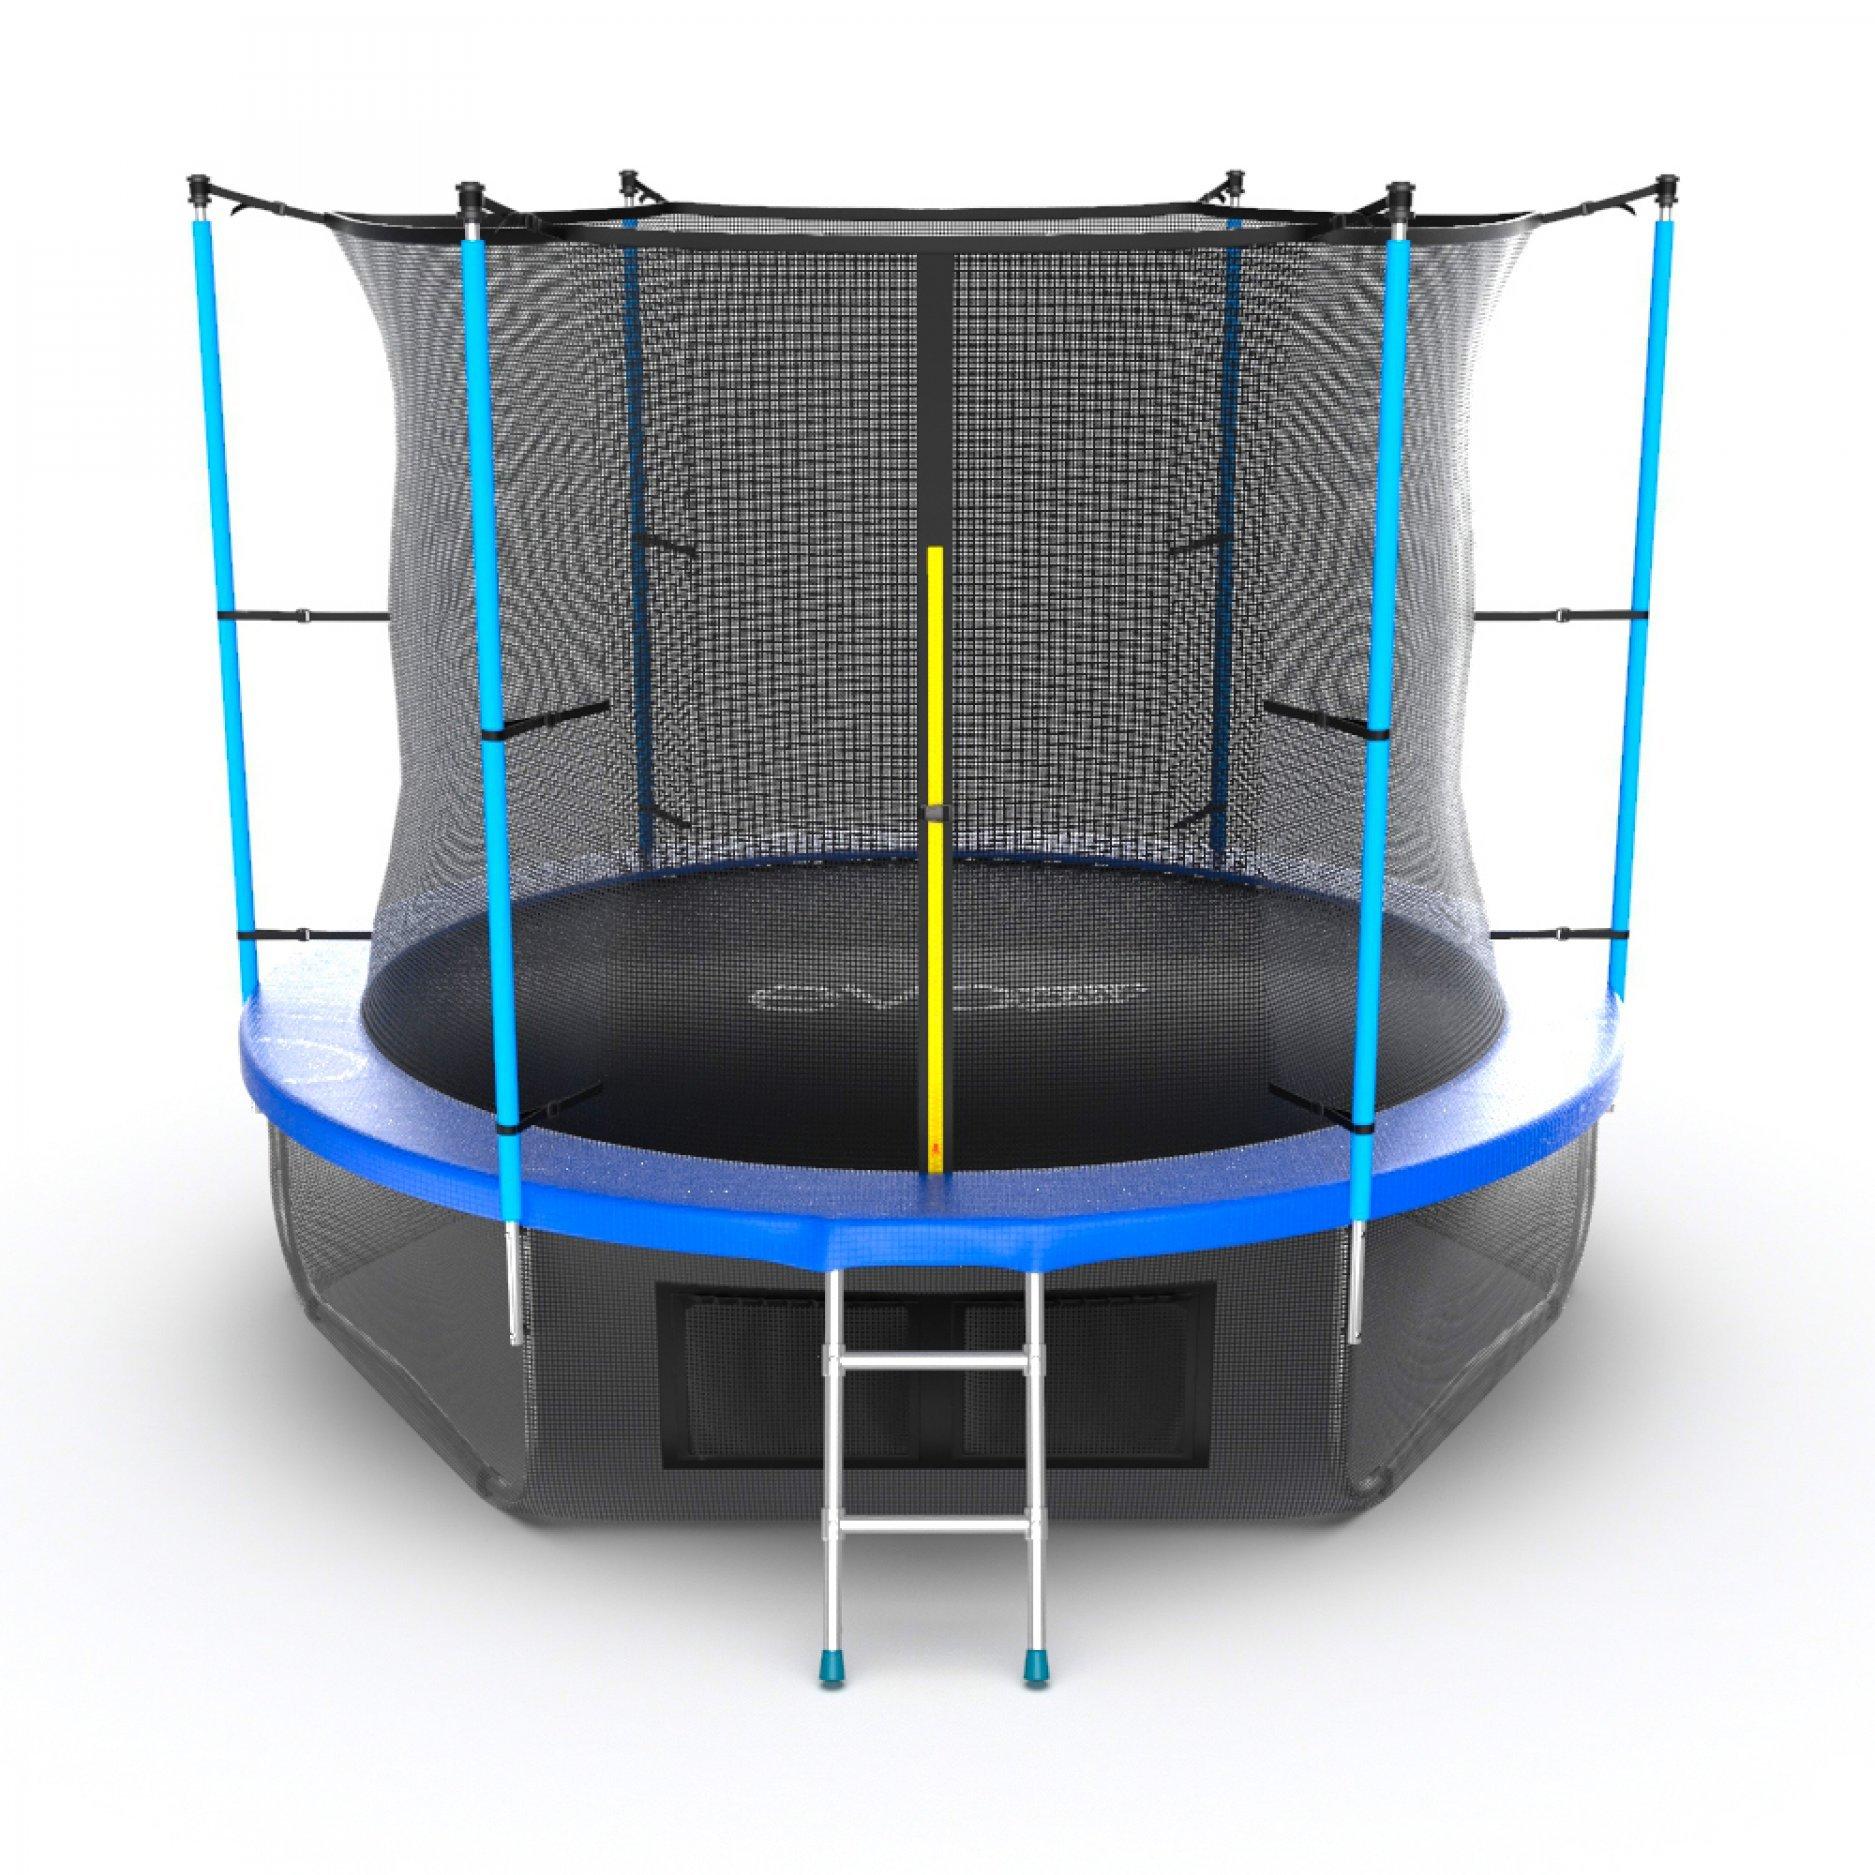 EVO JUMP Internal 10ft (Blue) + Lower net с внутренней сеткой и лестницей + нижняя сеть